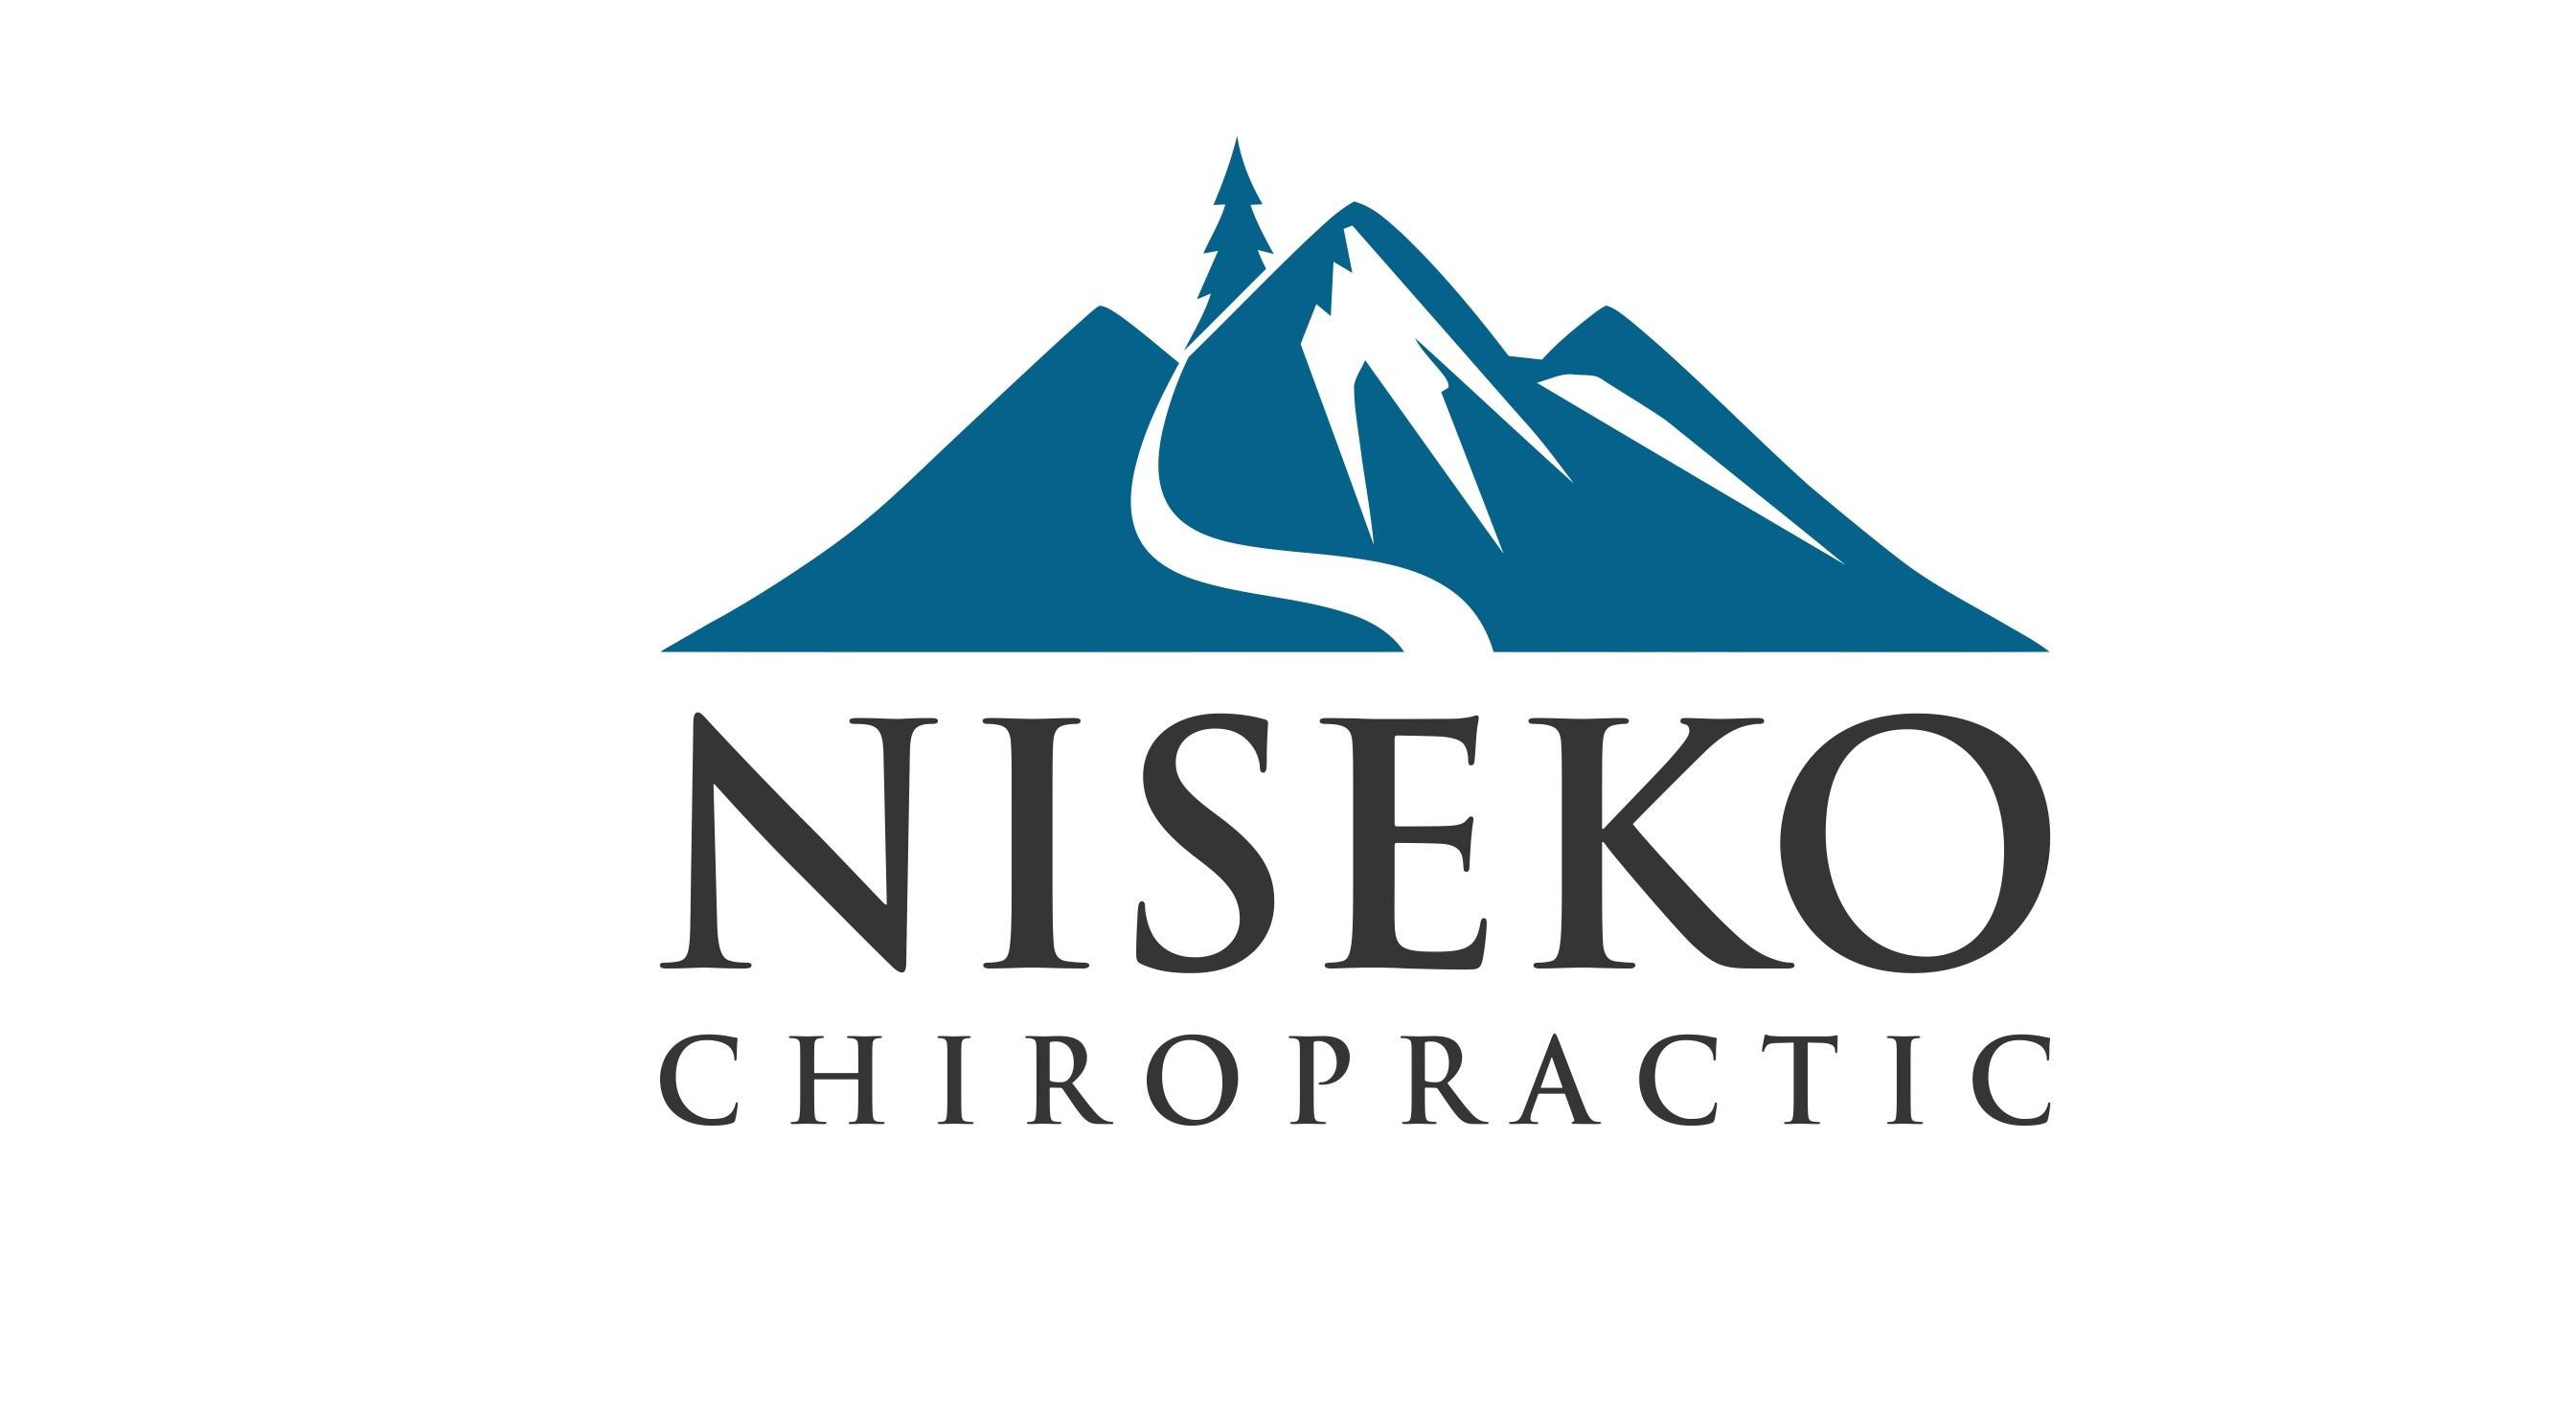 Niseko Chiropractic logo